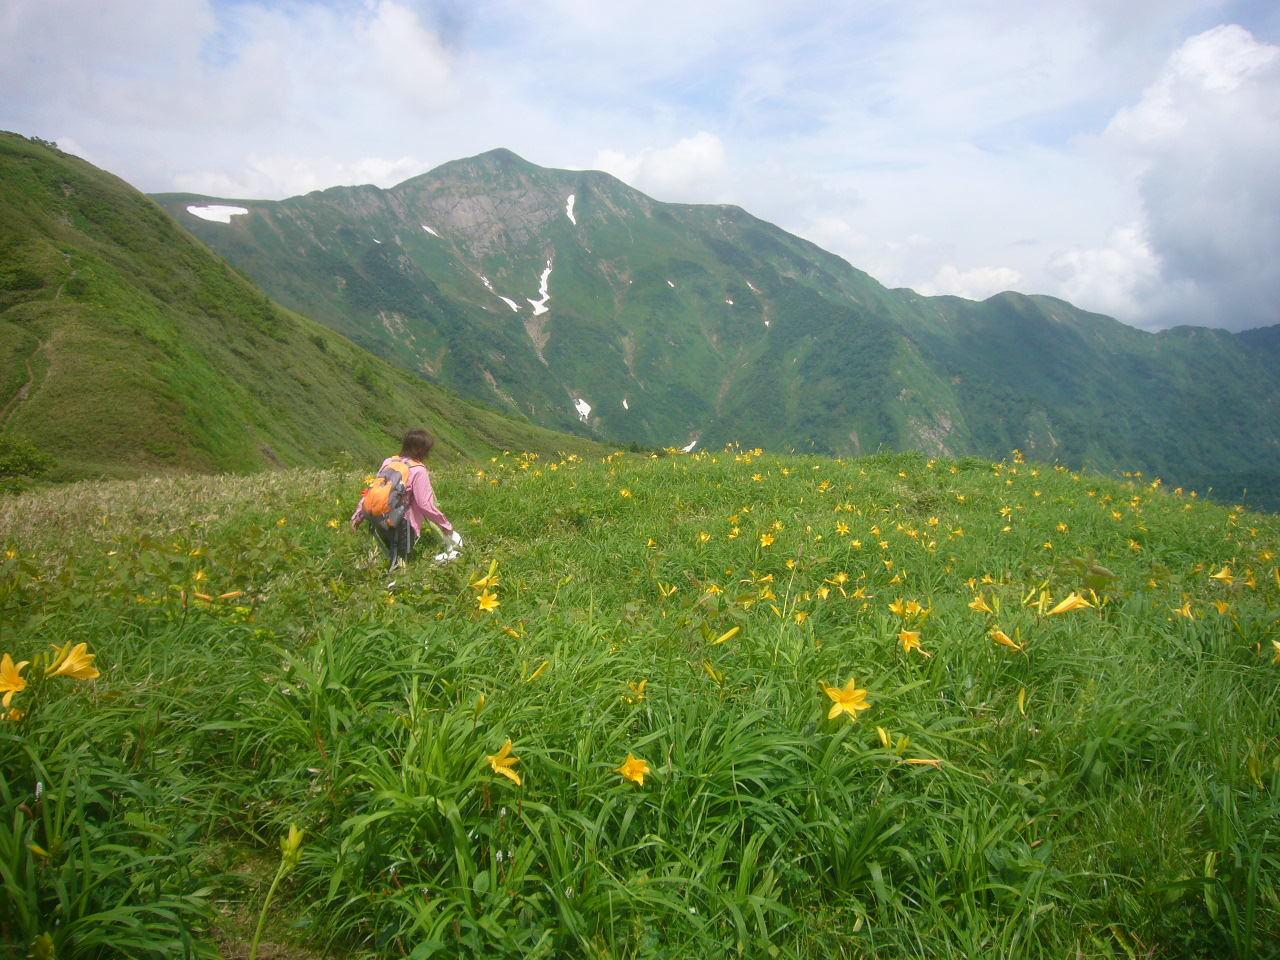 越前3の峰のお花畑 正面が別山、左奥に石川3の峰 H29.7.15